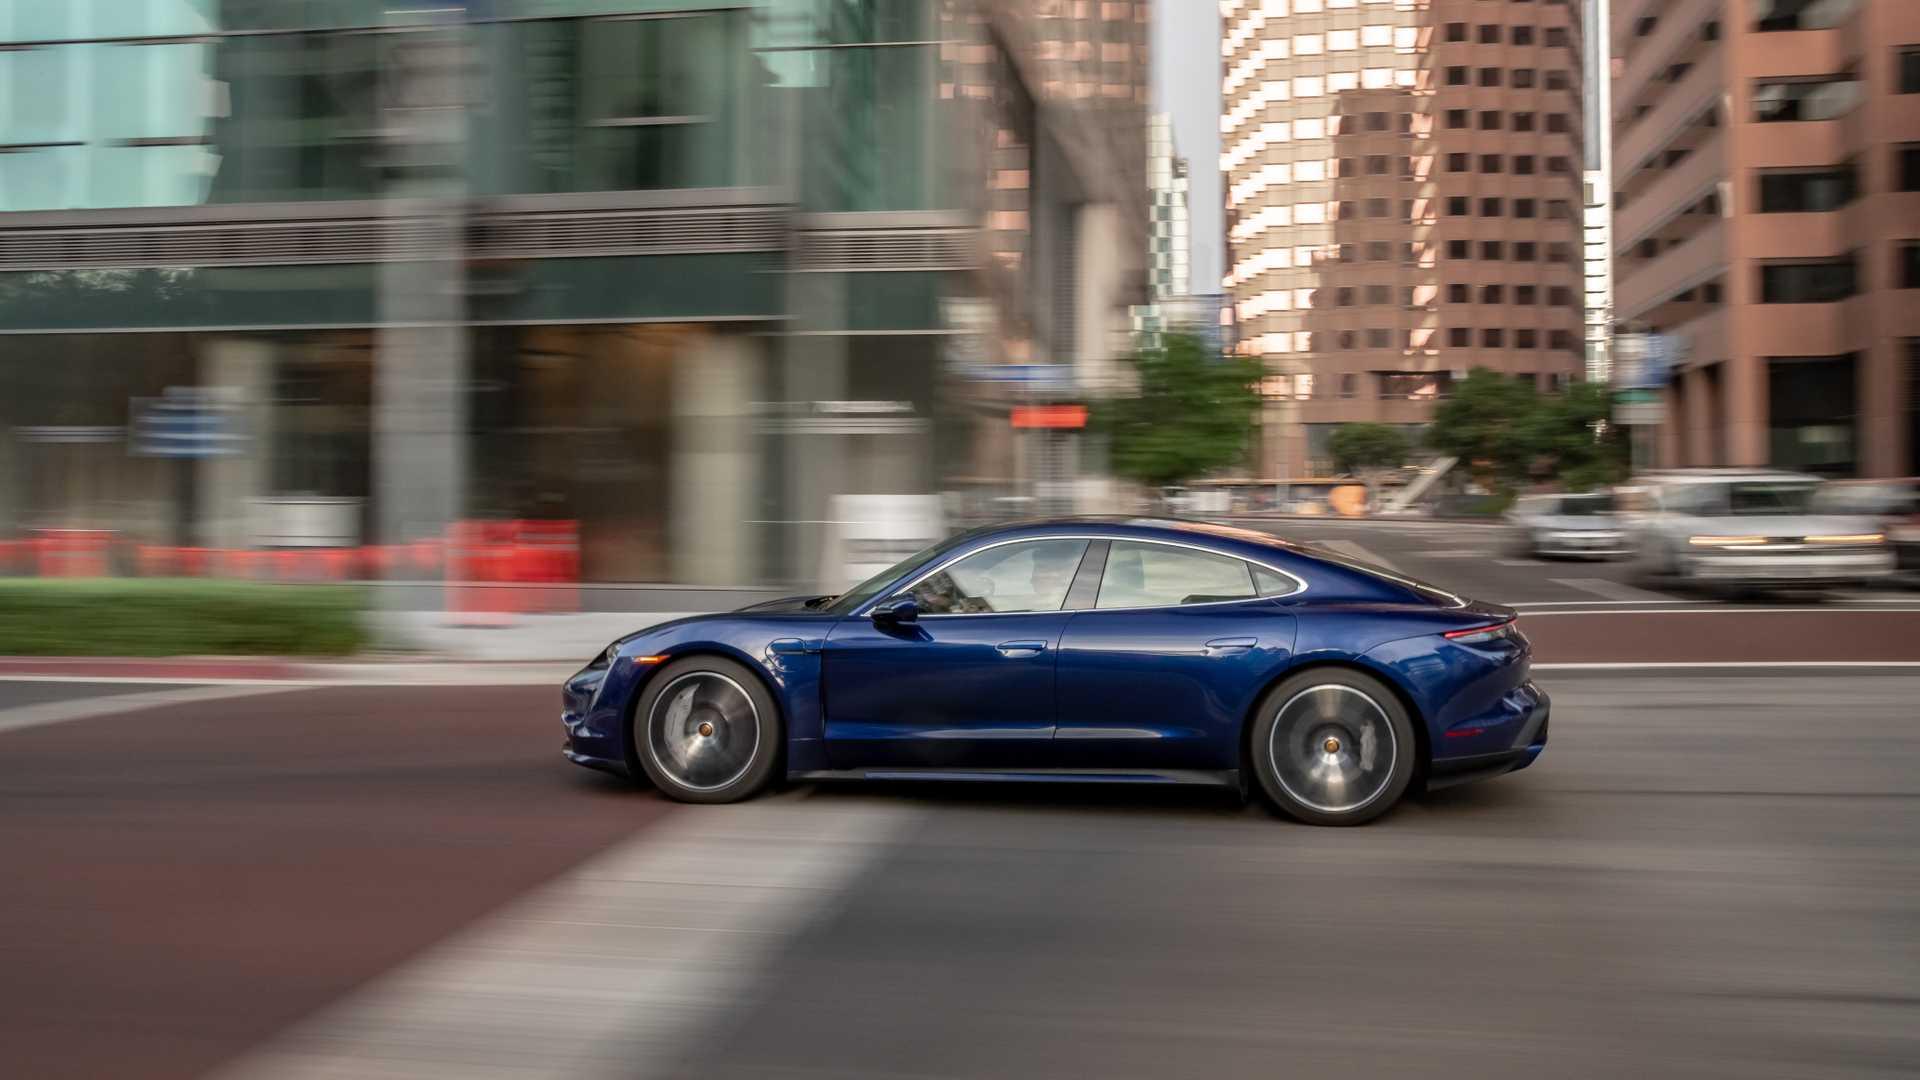 Autonomija Porsche Taycana Turbo manja od nominalne?